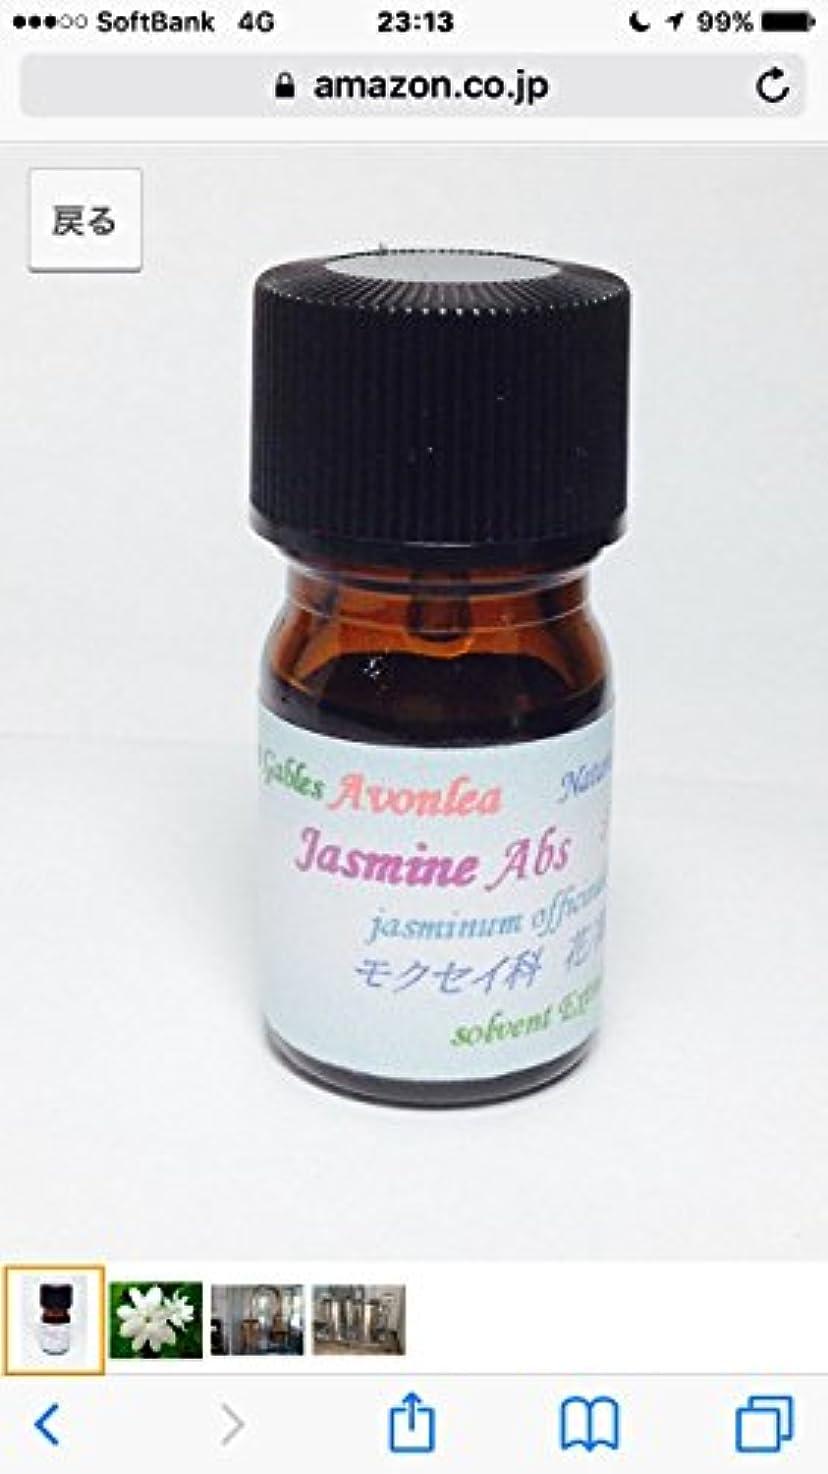 軍シャイニング考えるジャスミン Abs 5ml 100% ピュア エッセンシャルオイル 花の精油